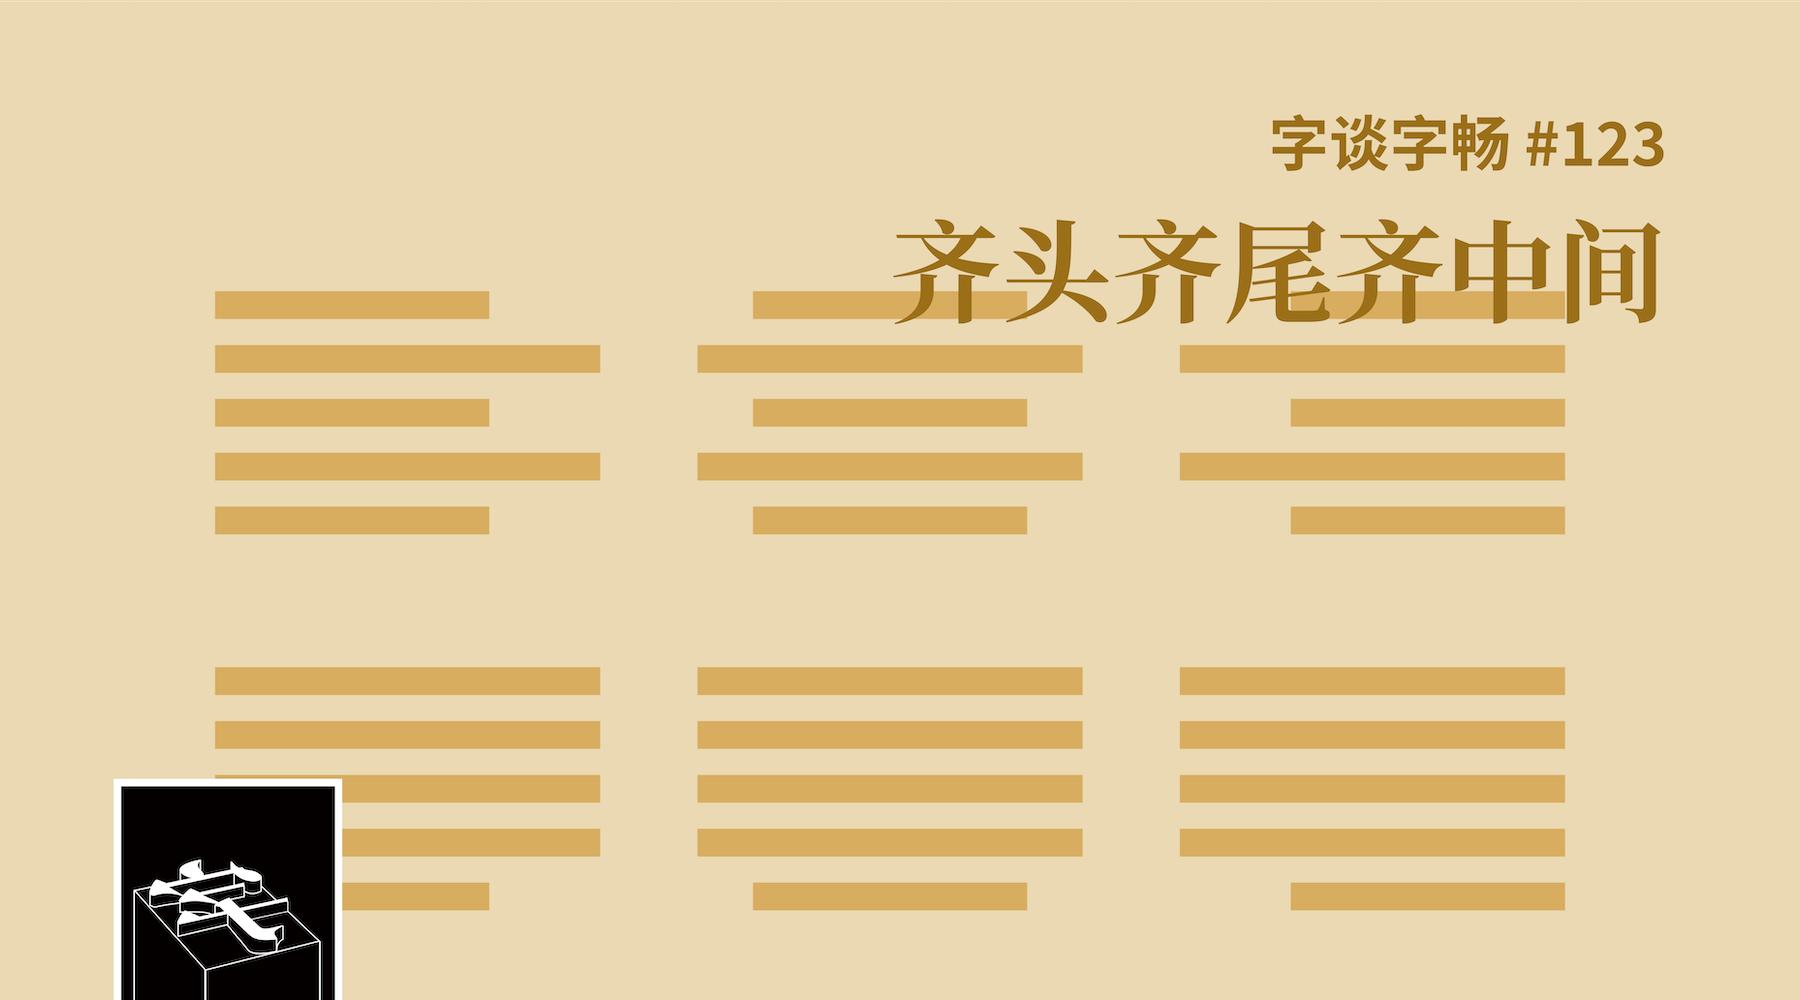 TypeChat #123